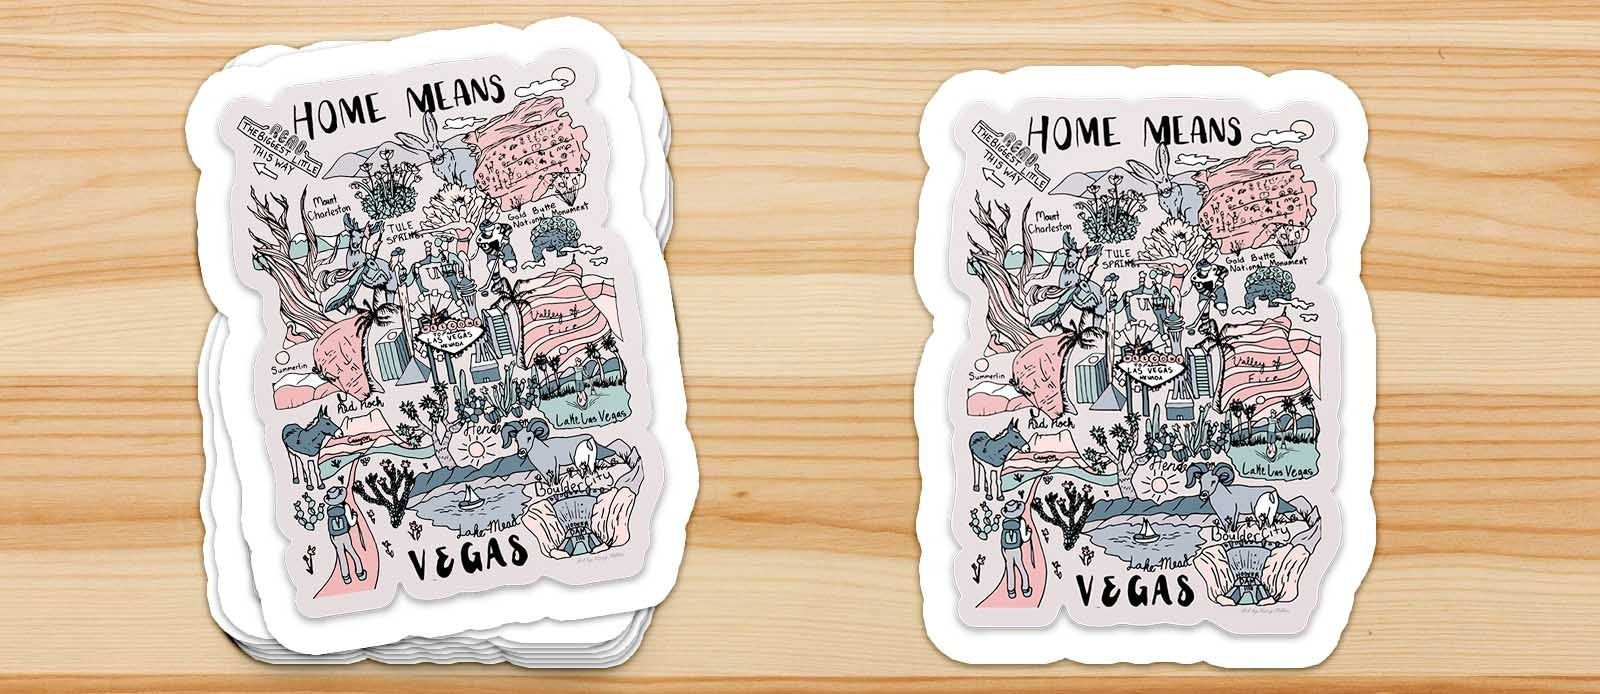 Laptop Sticker Vinyl Sticker Vegas Sticker Las Vegas Etsy Bachelorette Gifts Bachelor Gifts Vegas [ 694 x 1600 Pixel ]